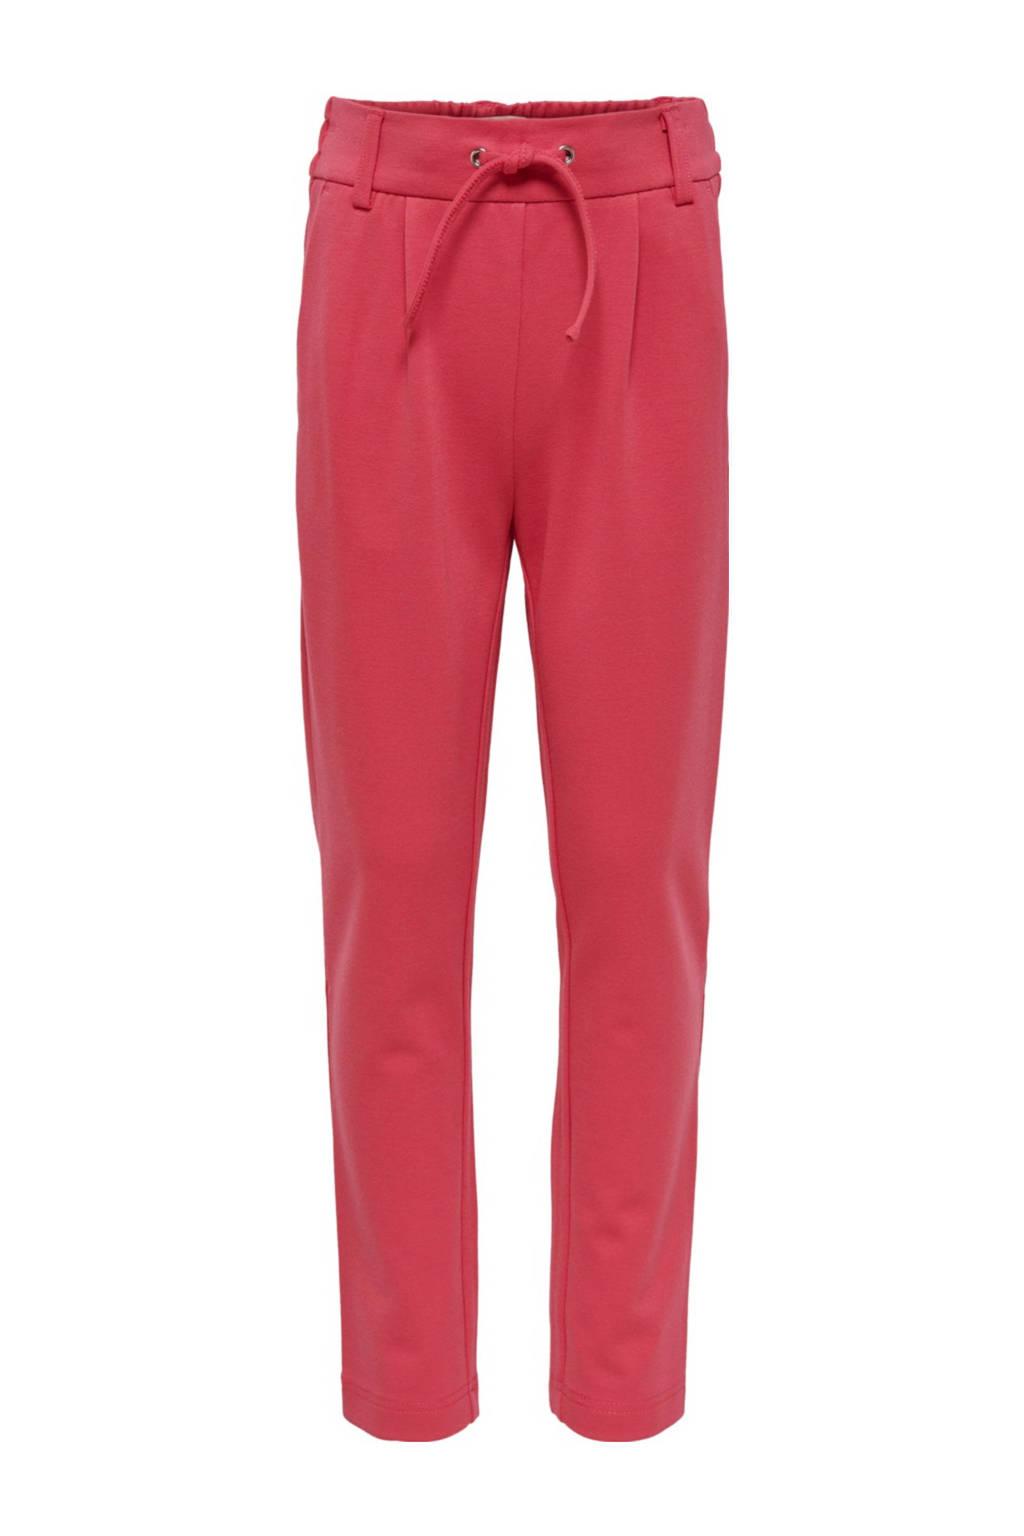 KIDS ONLY slim broek rood, Rood